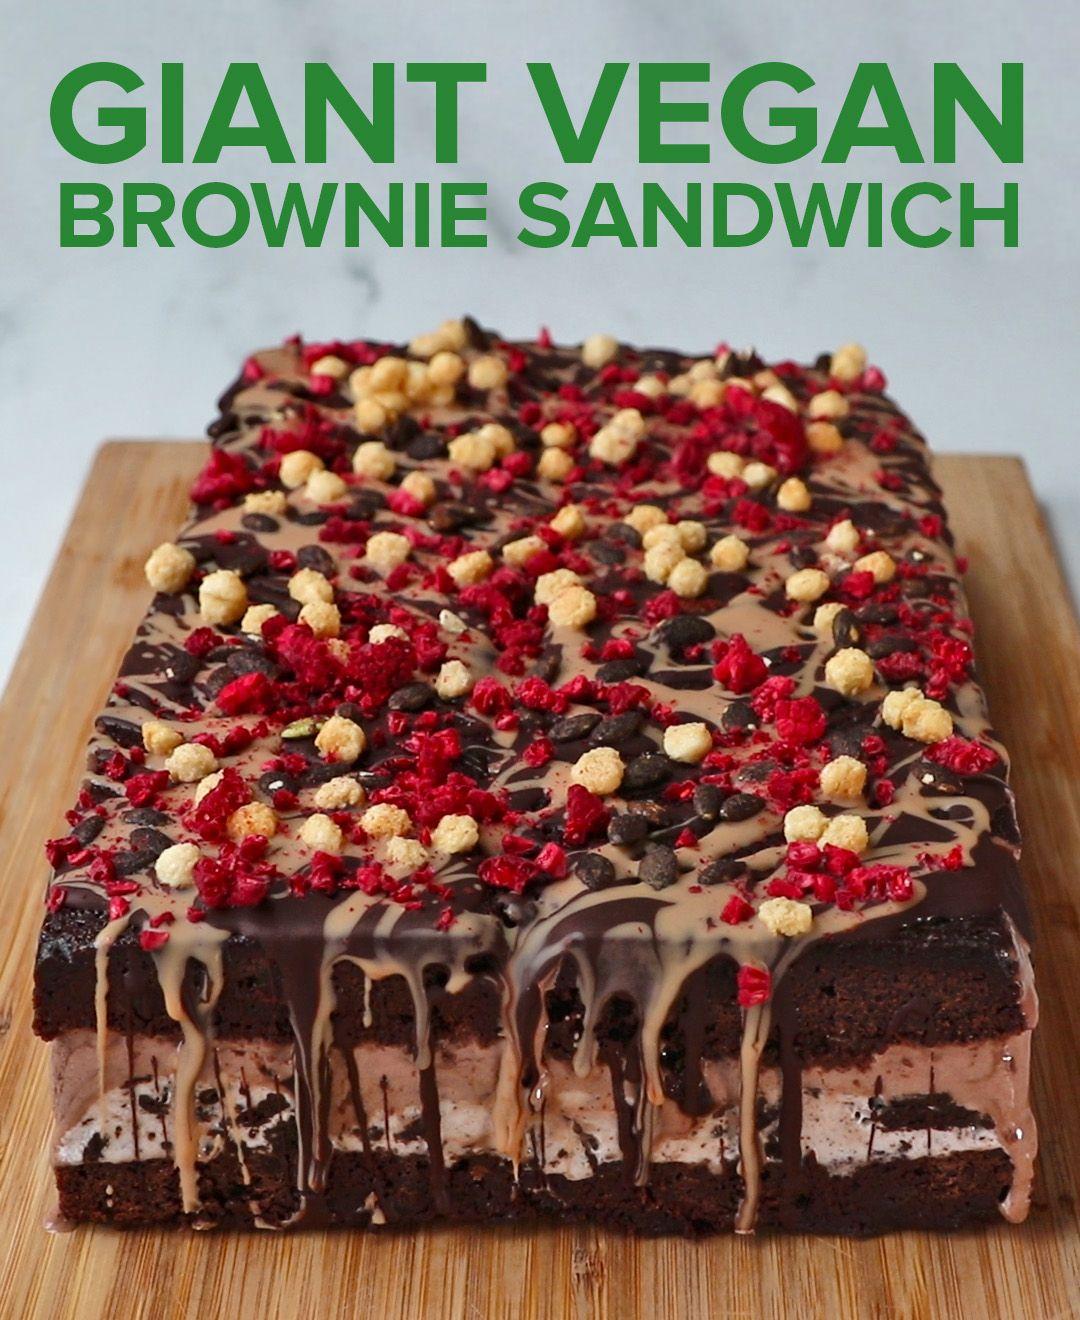 Giant Vegan Brownie Sandwich In 2020 Vegan Brownie Vegan Desserts Healthy Sweets